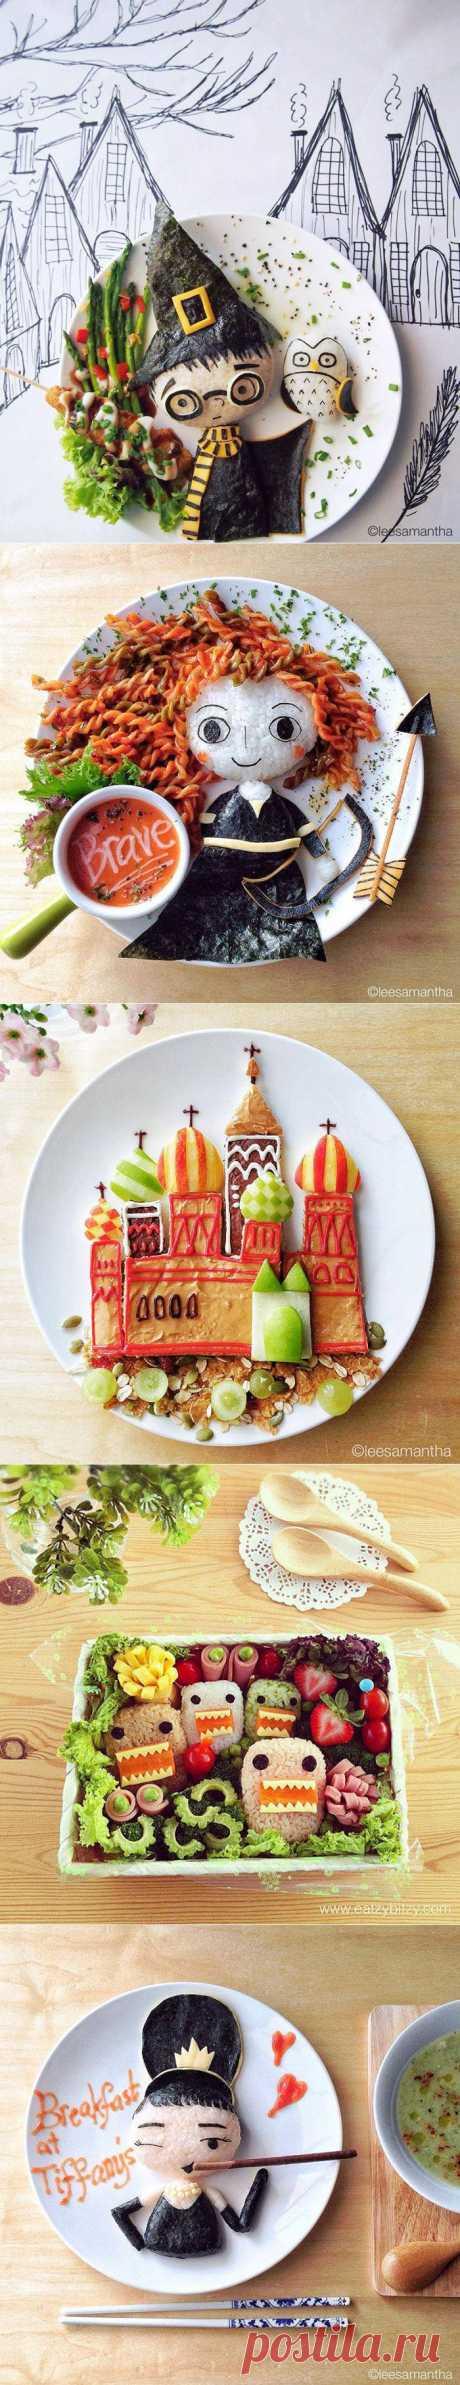 Художница превращает блюда в шедевры : НОВОСТИ В ФОТОГРАФИЯХ